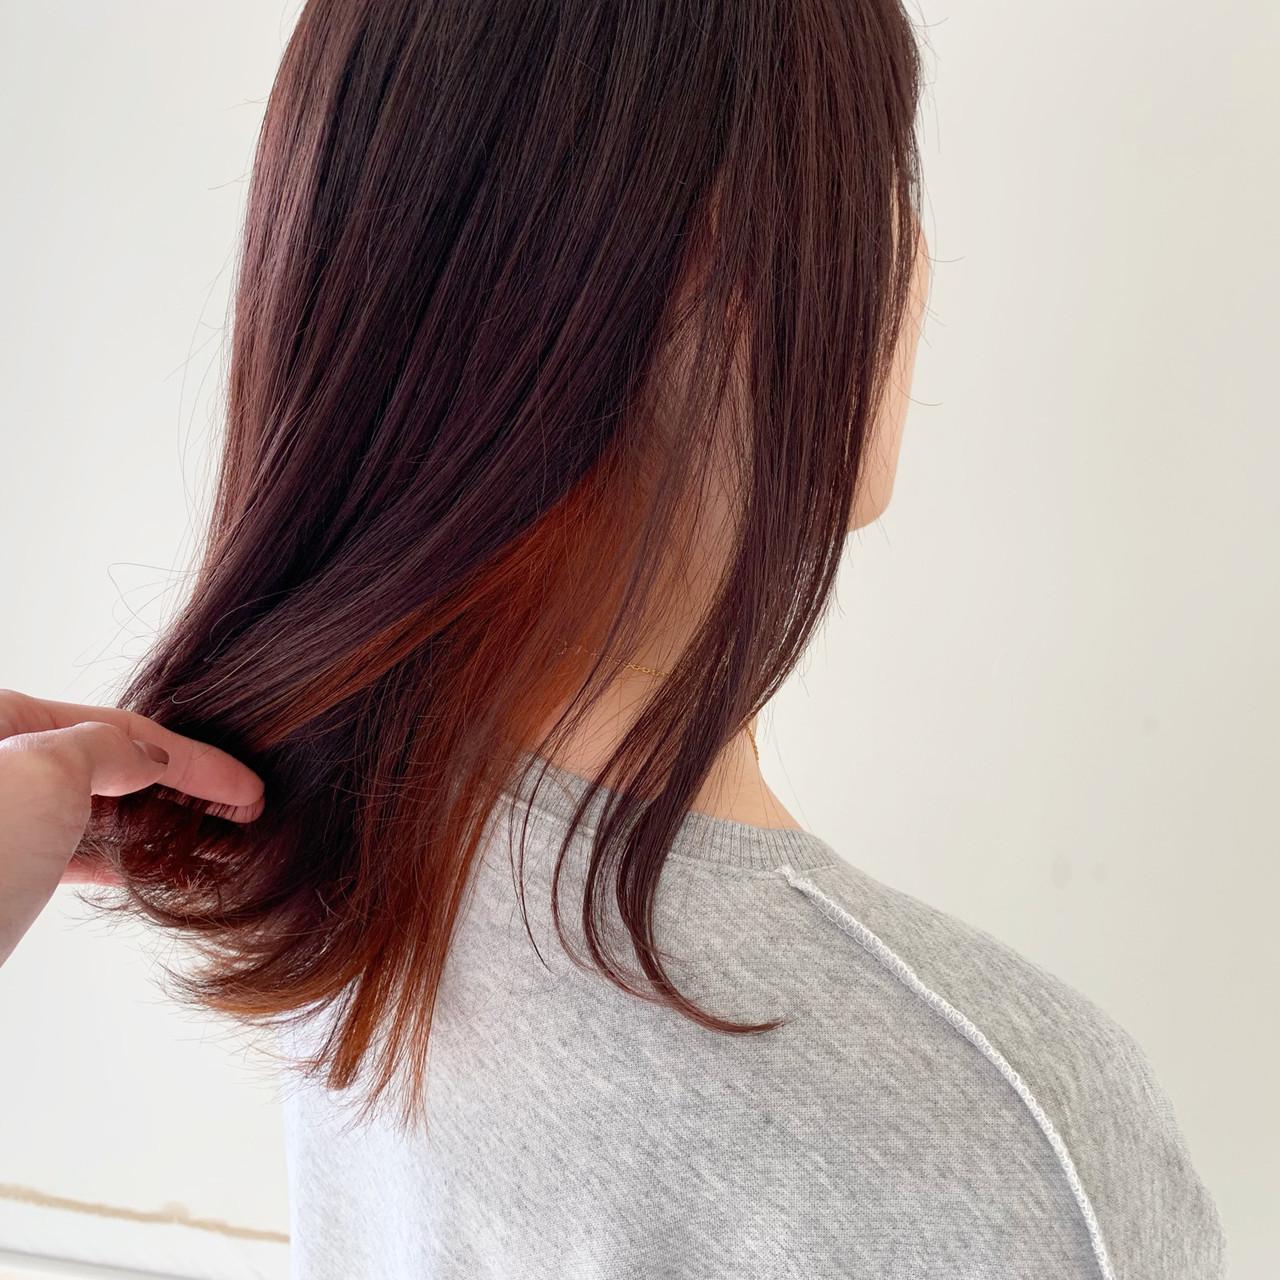 ヘアアレンジ インナーカラー ナチュラル デート ヘアスタイルや髪型の写真・画像 | 新谷 朋宏 / Free hairstylist shinya